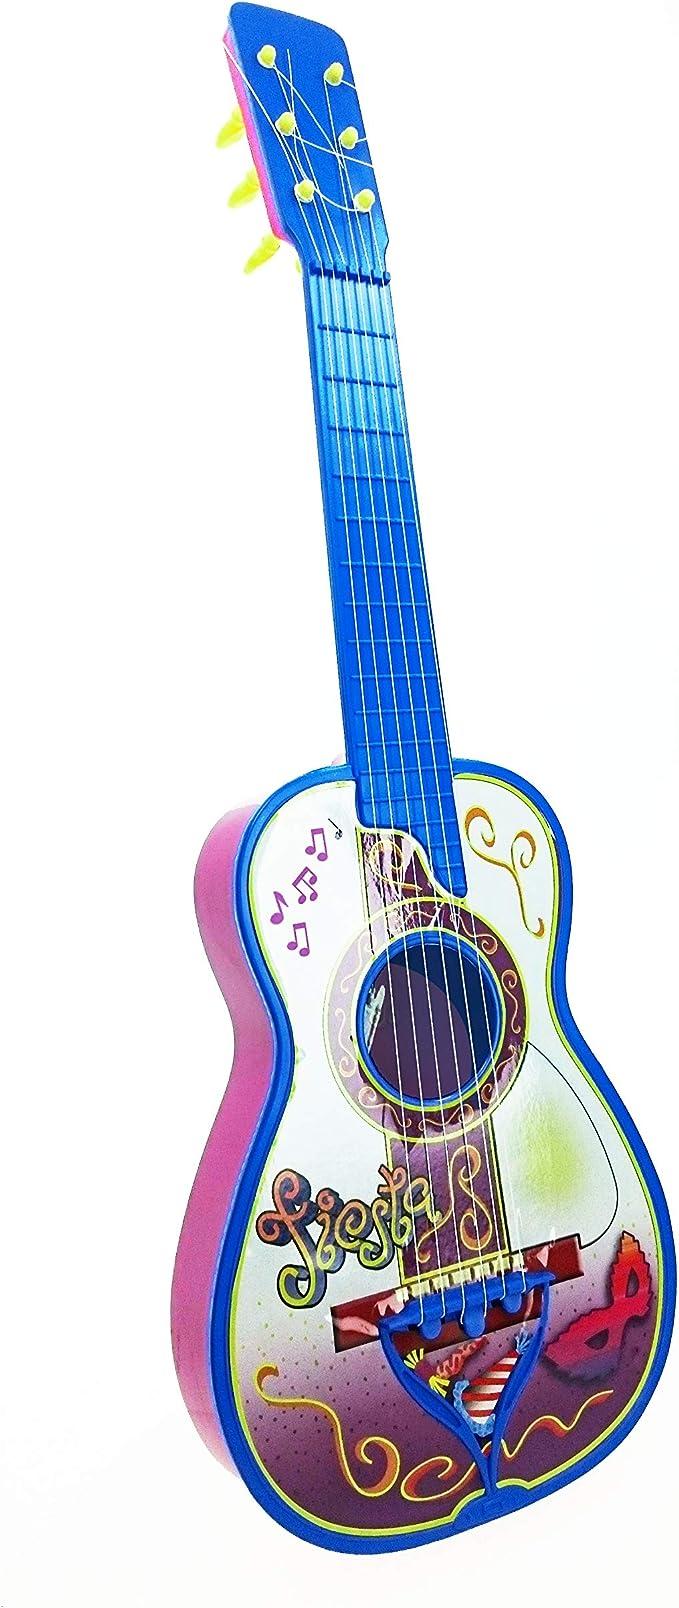 REIG- Guitarra (REIG3014): Amazon.es: Juguetes y juegos